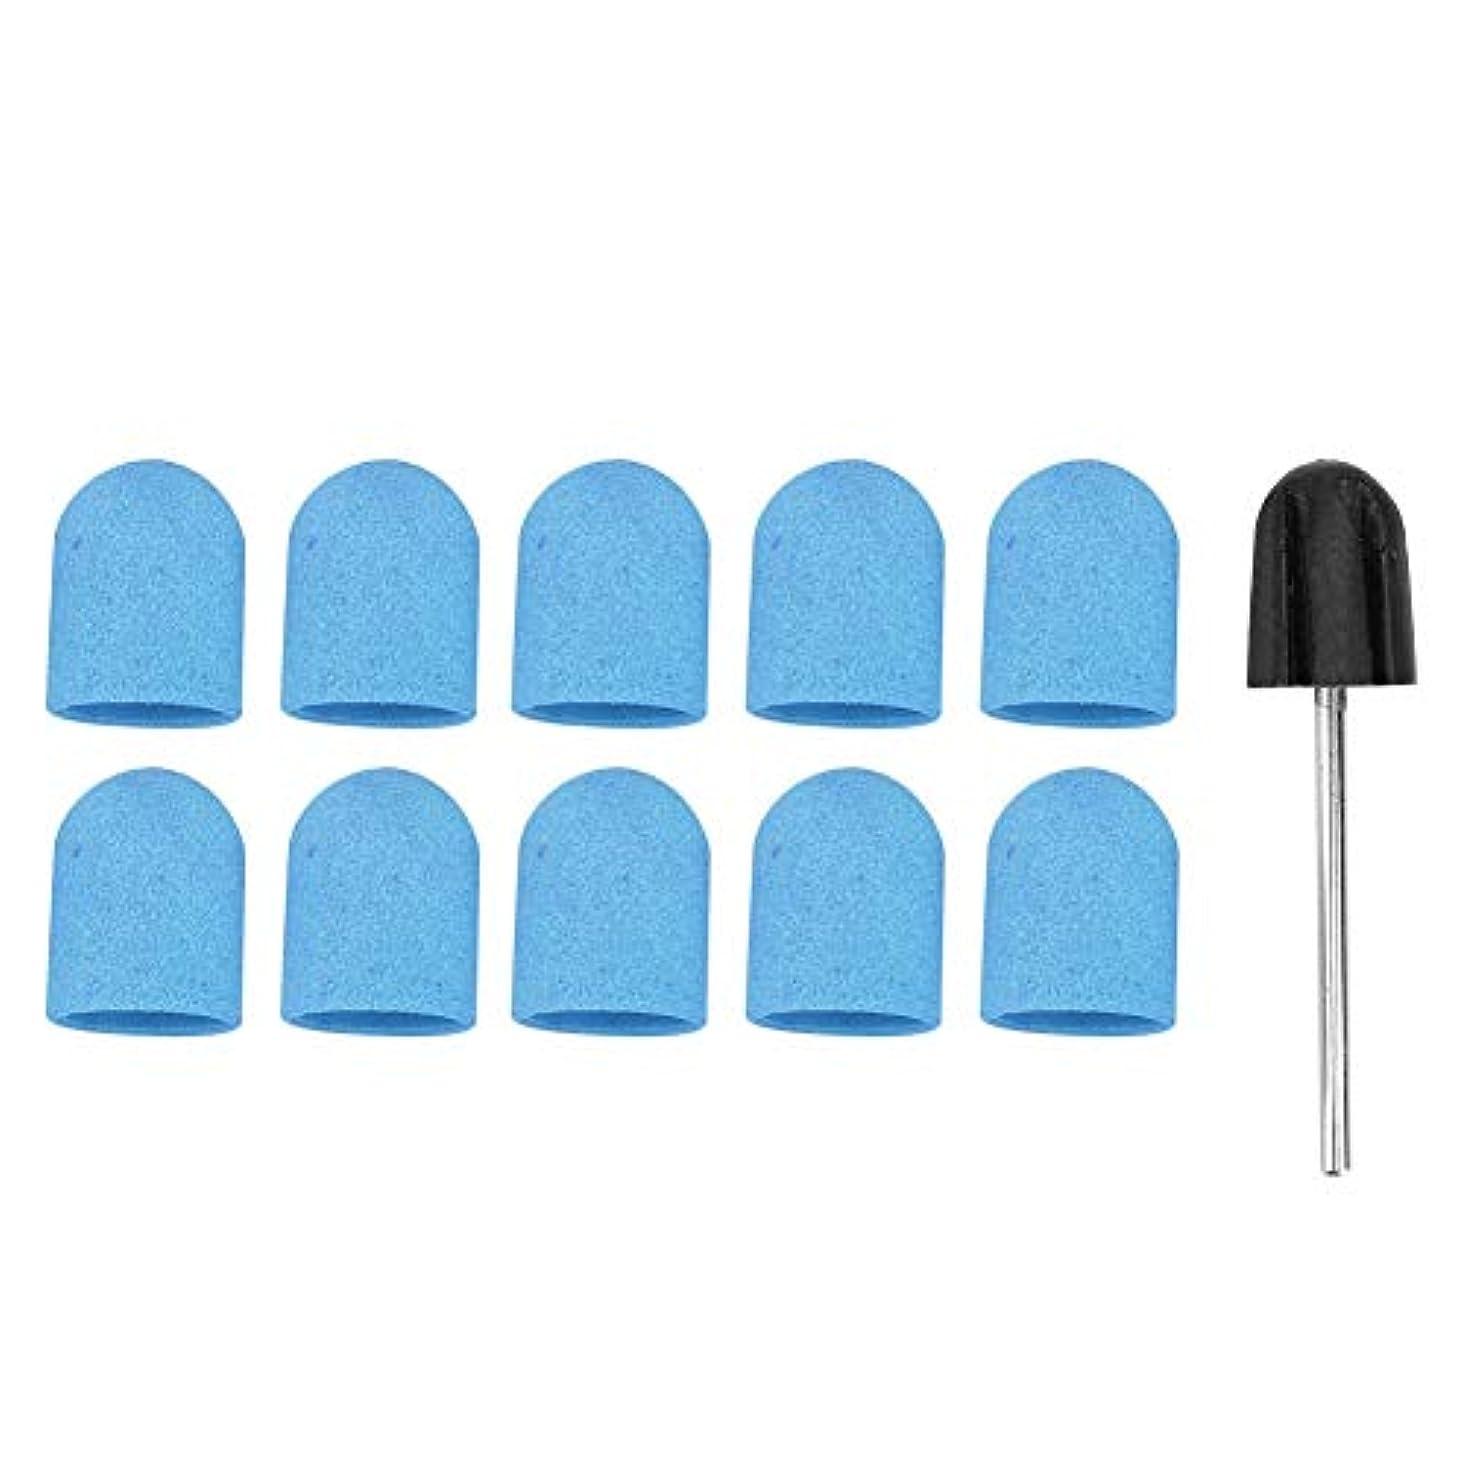 代理人許さないスペルネイルドリルブロックキャップ、ネイルアートサンディングバンド13 x 19 mm(1グリップ付き)、ネイルサロンまたは個人使用、マニキュア用のポリッシュ研磨ヘッド、ネイル研磨およびトリミング(2)